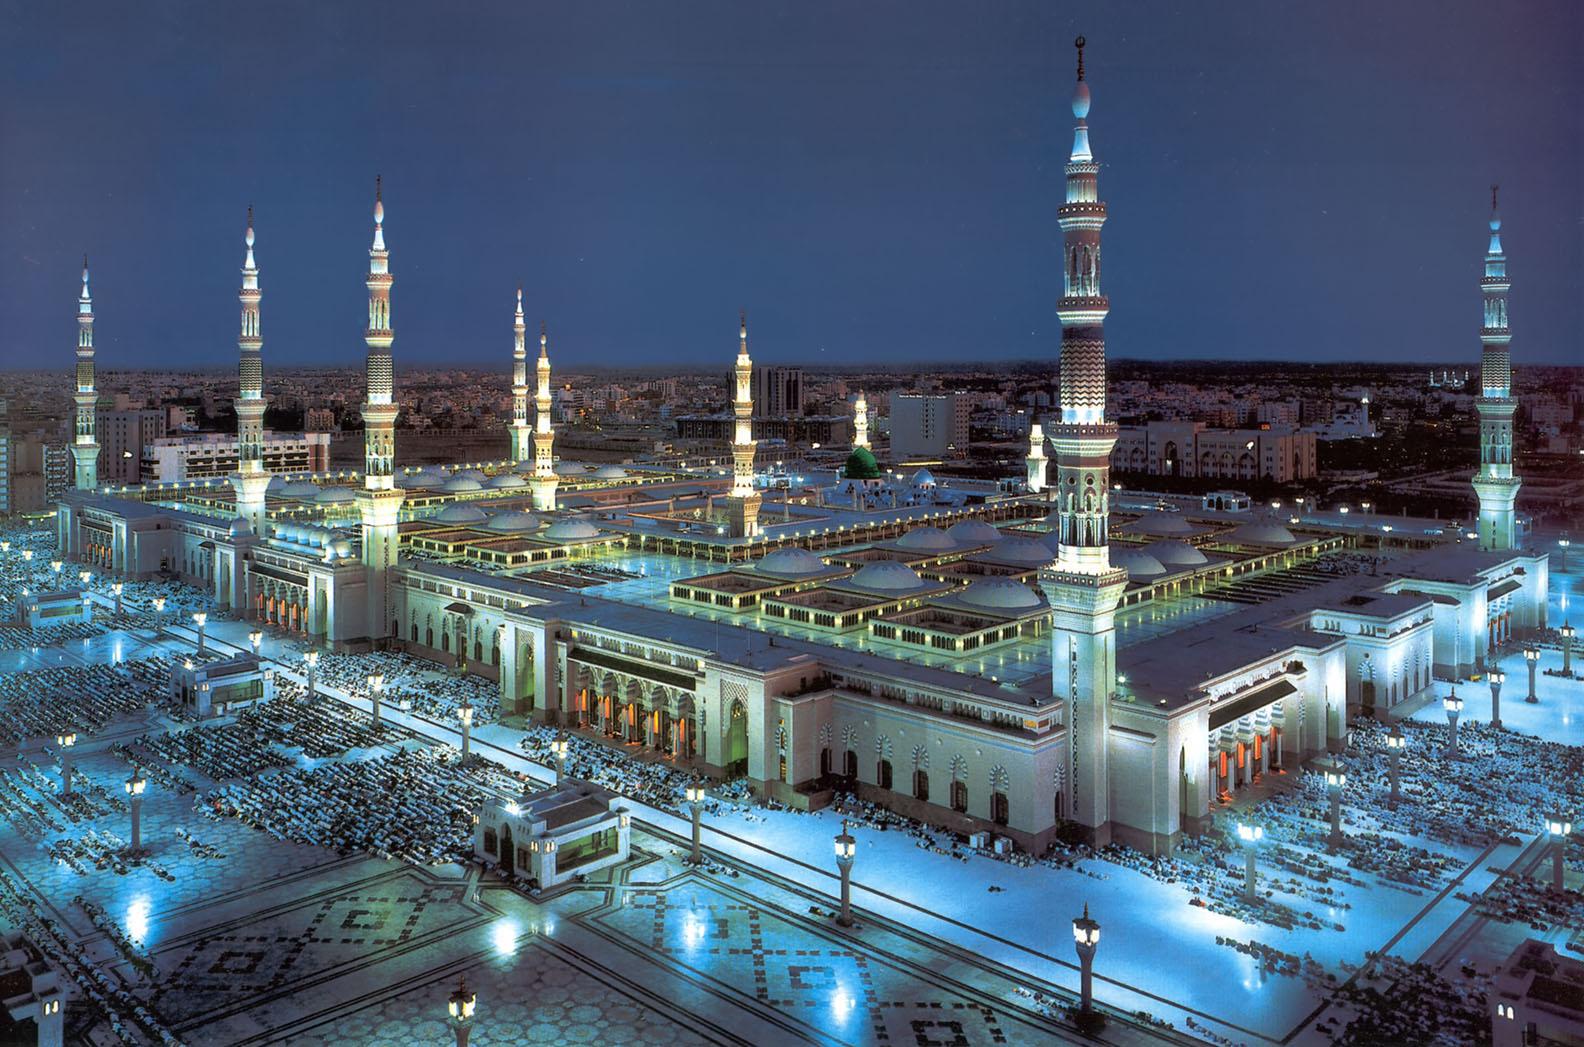 Masjid wallpaper, masjid wallpaper hd